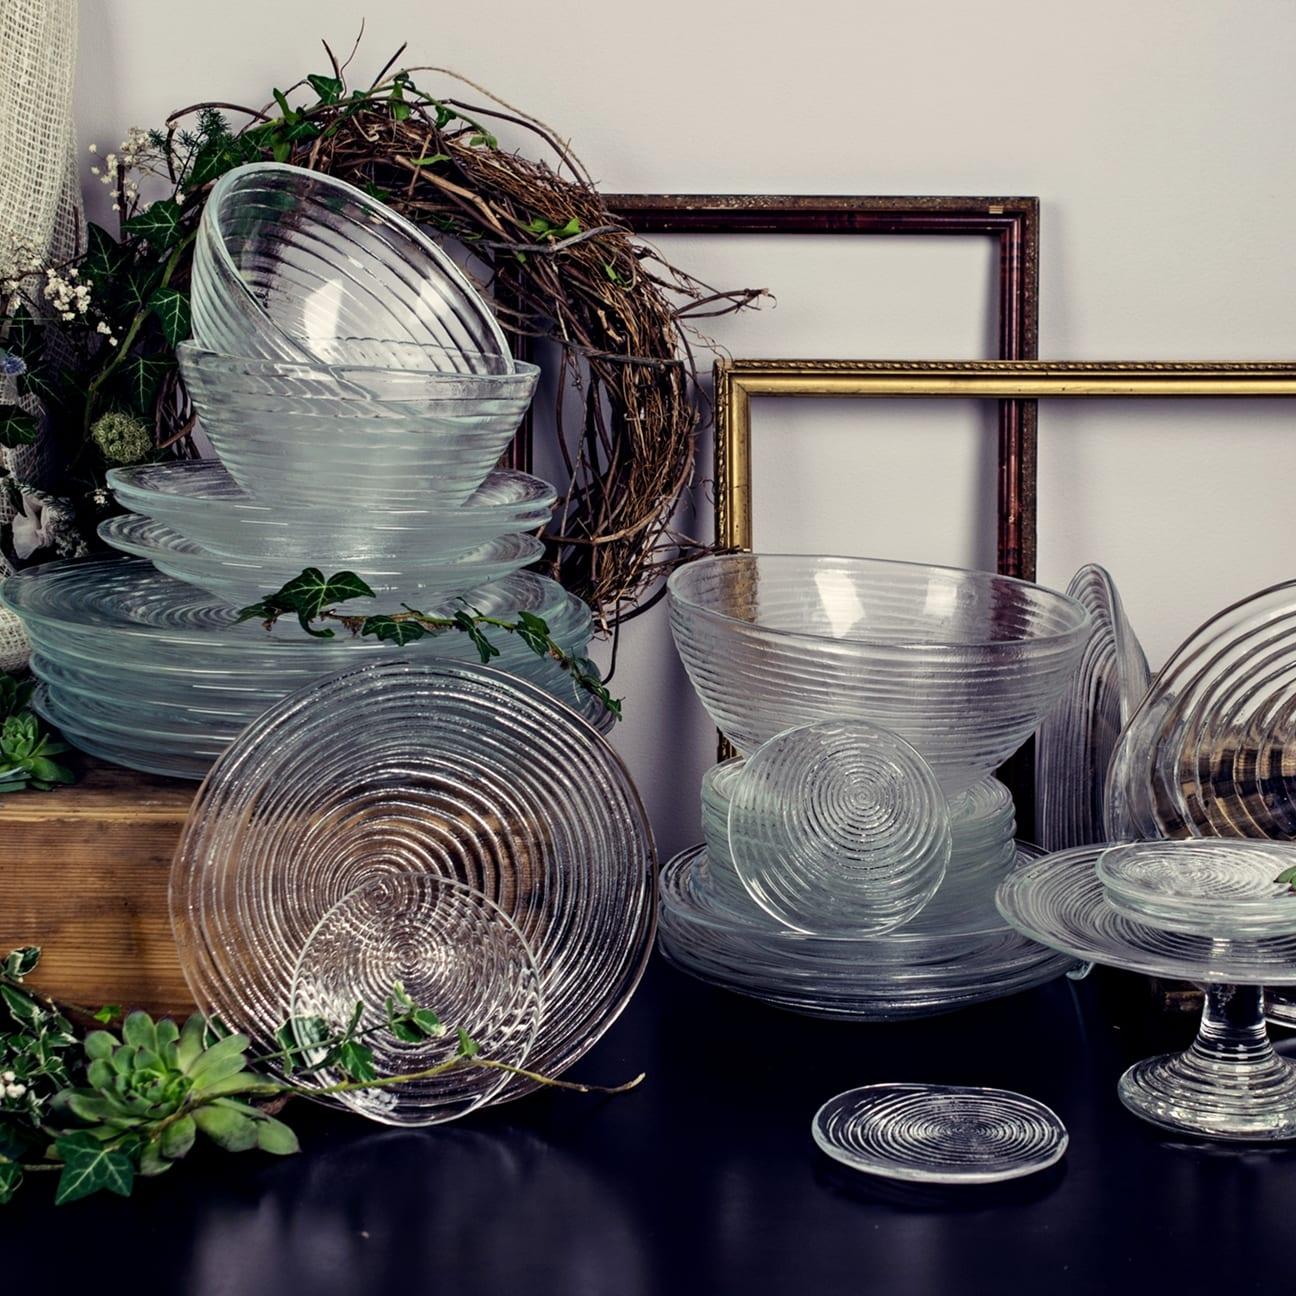 Zastawa stołowa szklana – Serwis obiadowy Rotor 28 elementów